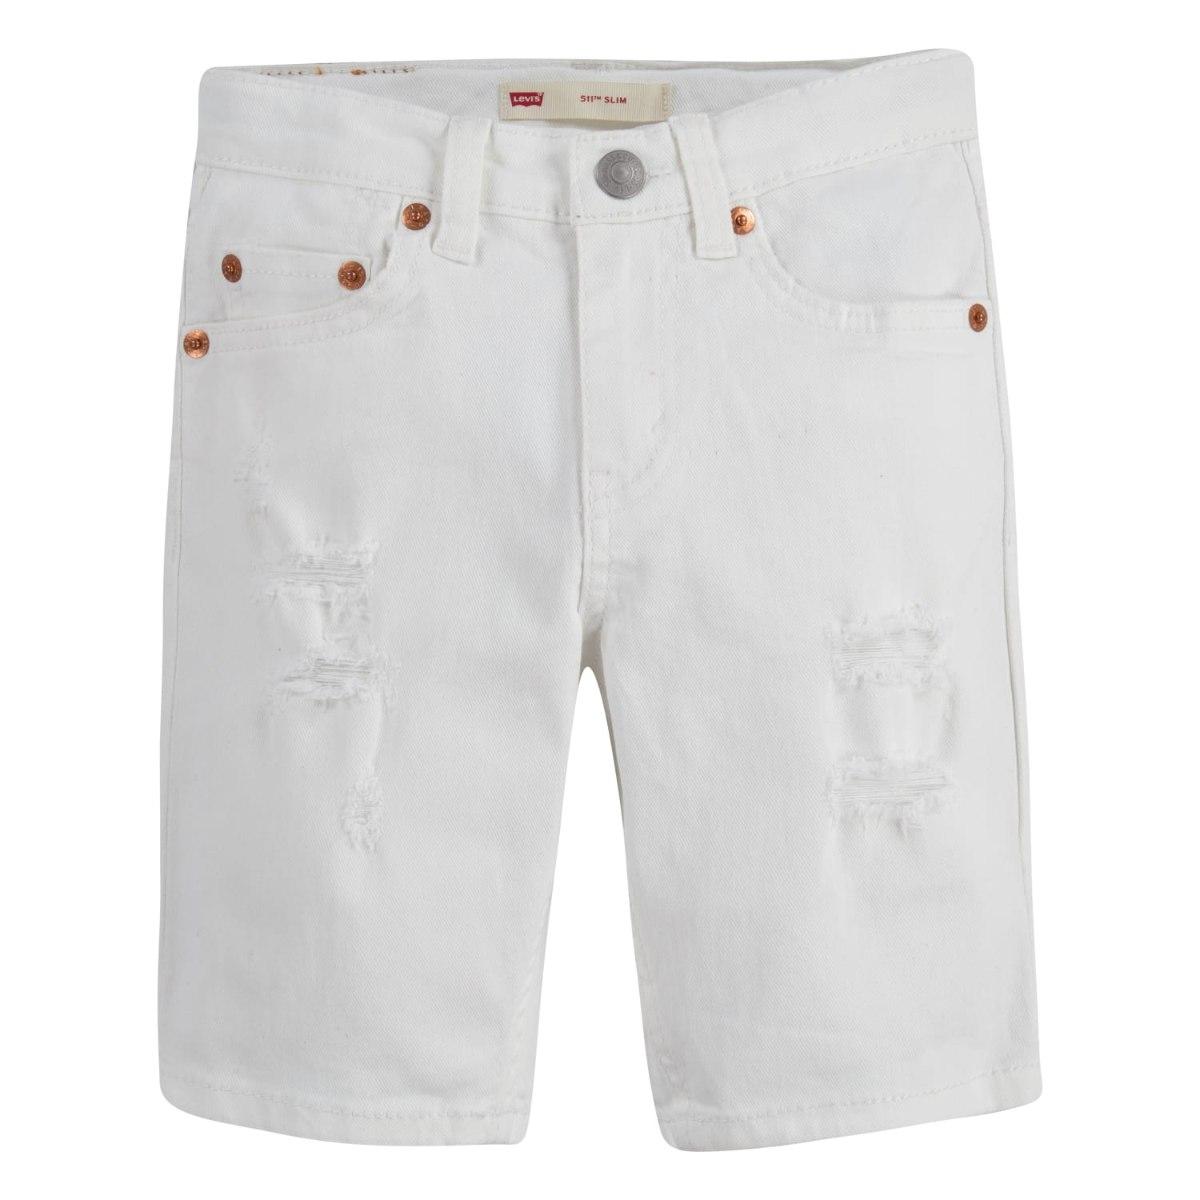 ברמודה ג'ינס לבנה (LEV'IS (4-20